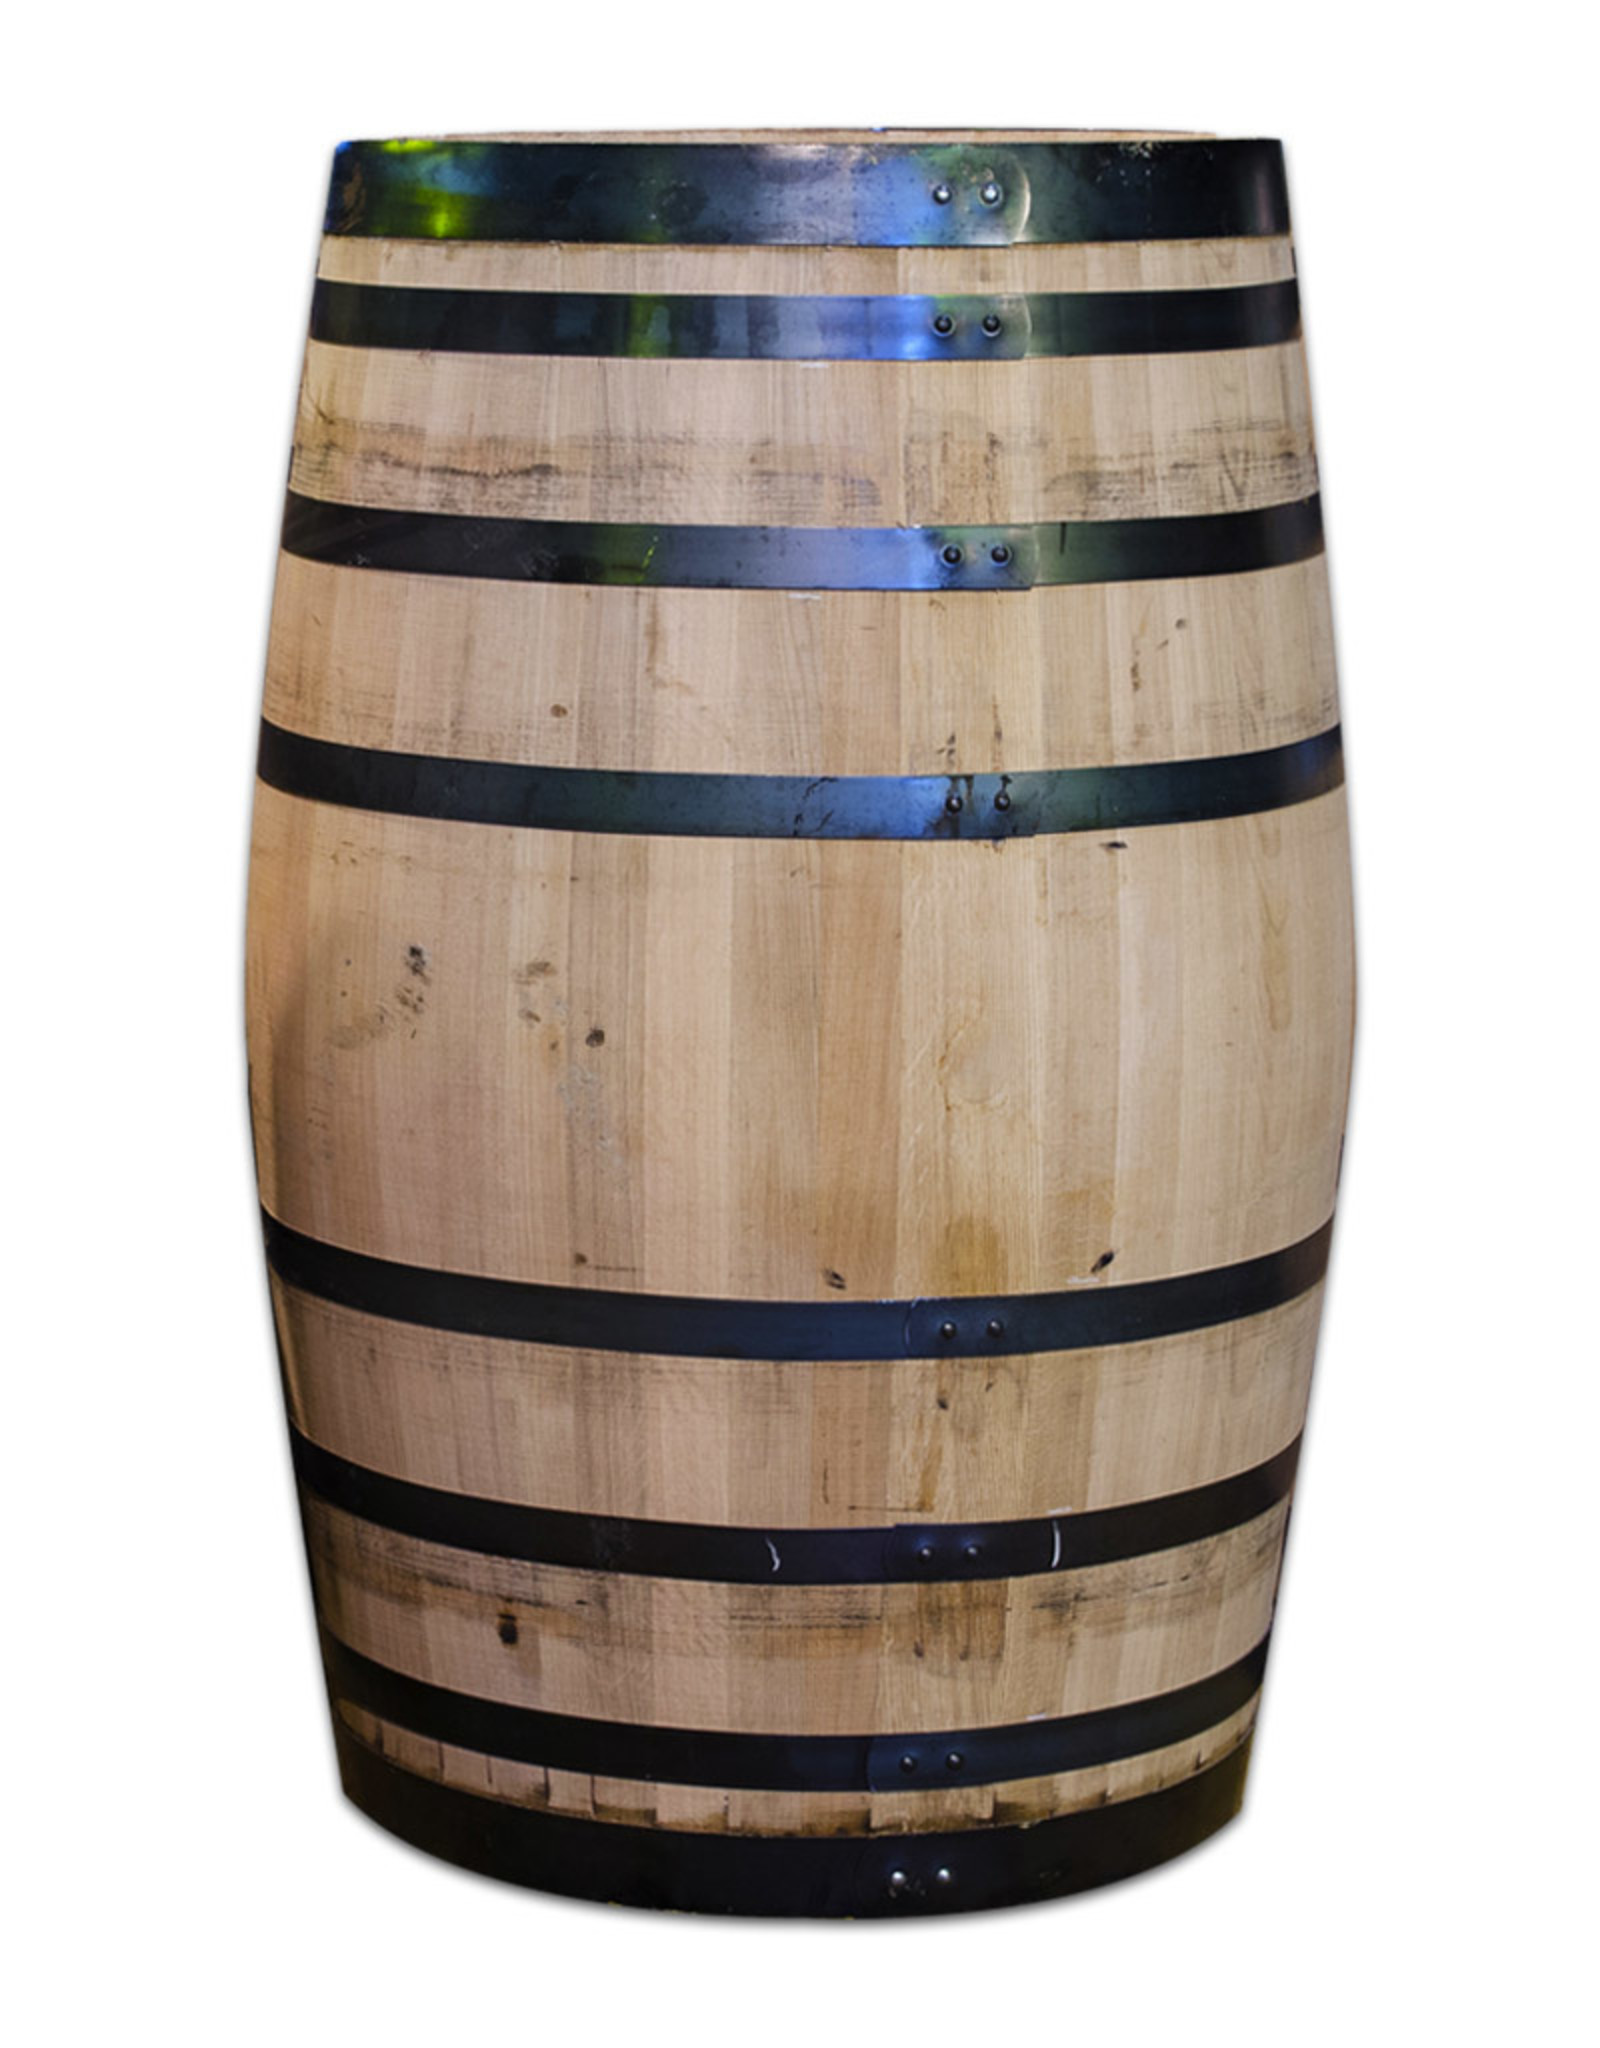 450 L / 500 L CASKNOLIA® PEDRO XIMÉNEZ SHERRYFASS AMERIKANISCHE EICHE - 2 JAHRE